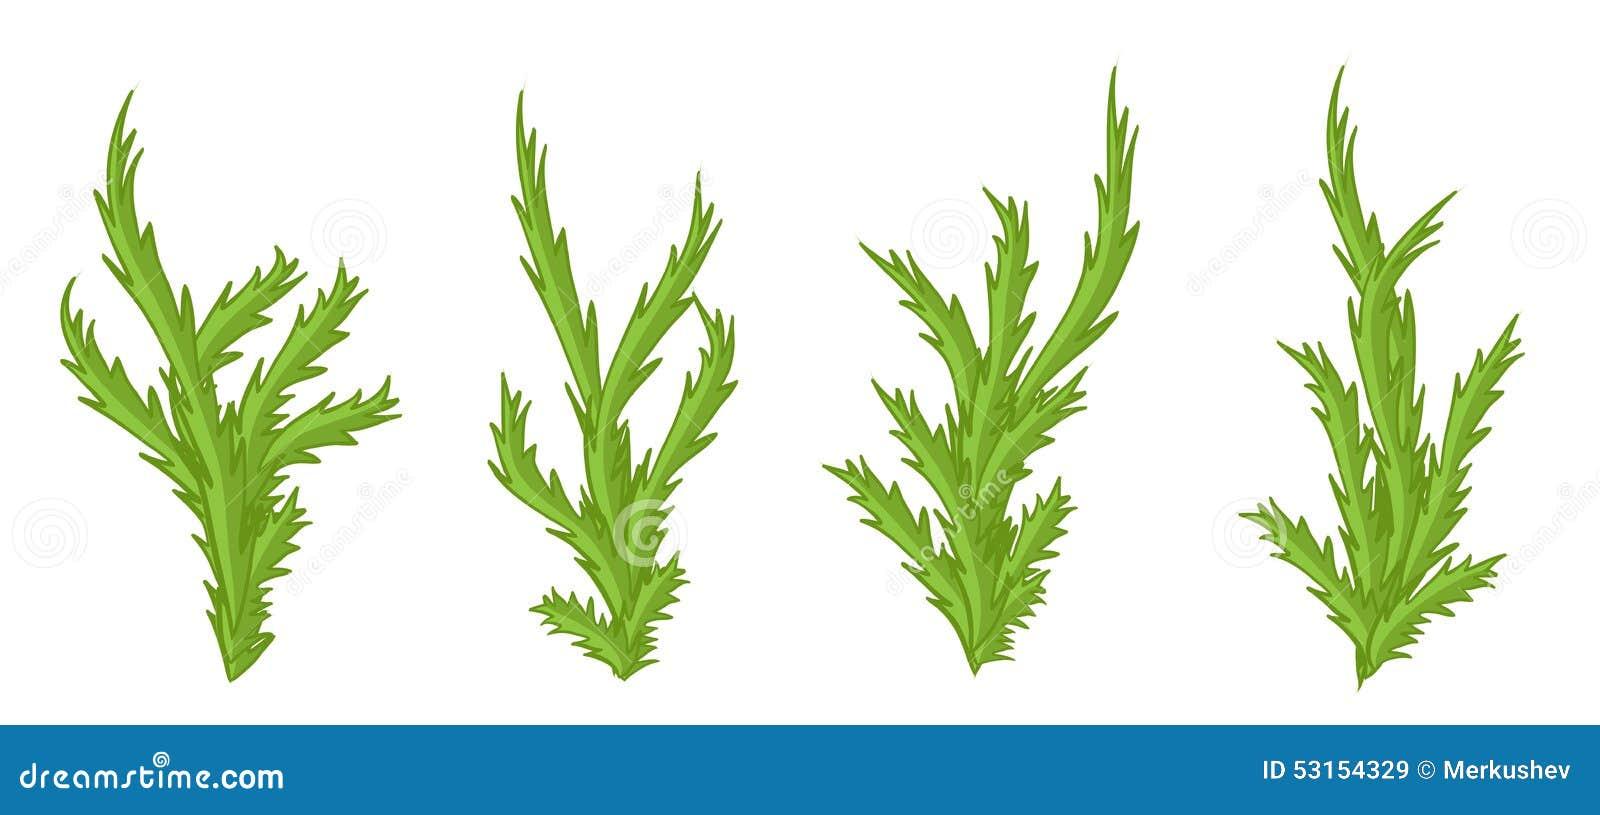 Cosas Para Photoscape Flores Y Plantas Arboles Ps: Plantas Y Arbustos. Arboles Y Plantas Frutales En Flor